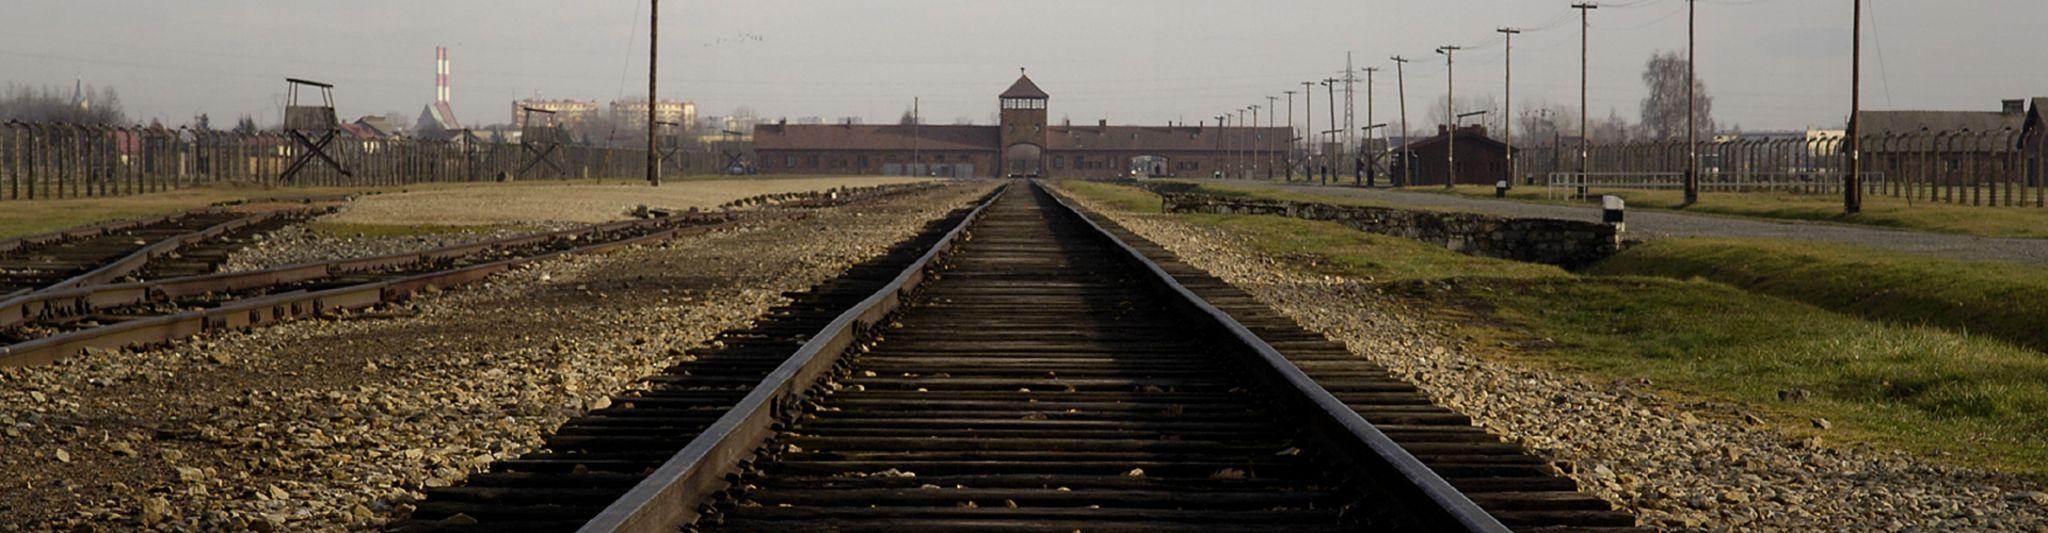 Rail track at Auschwitz - present day